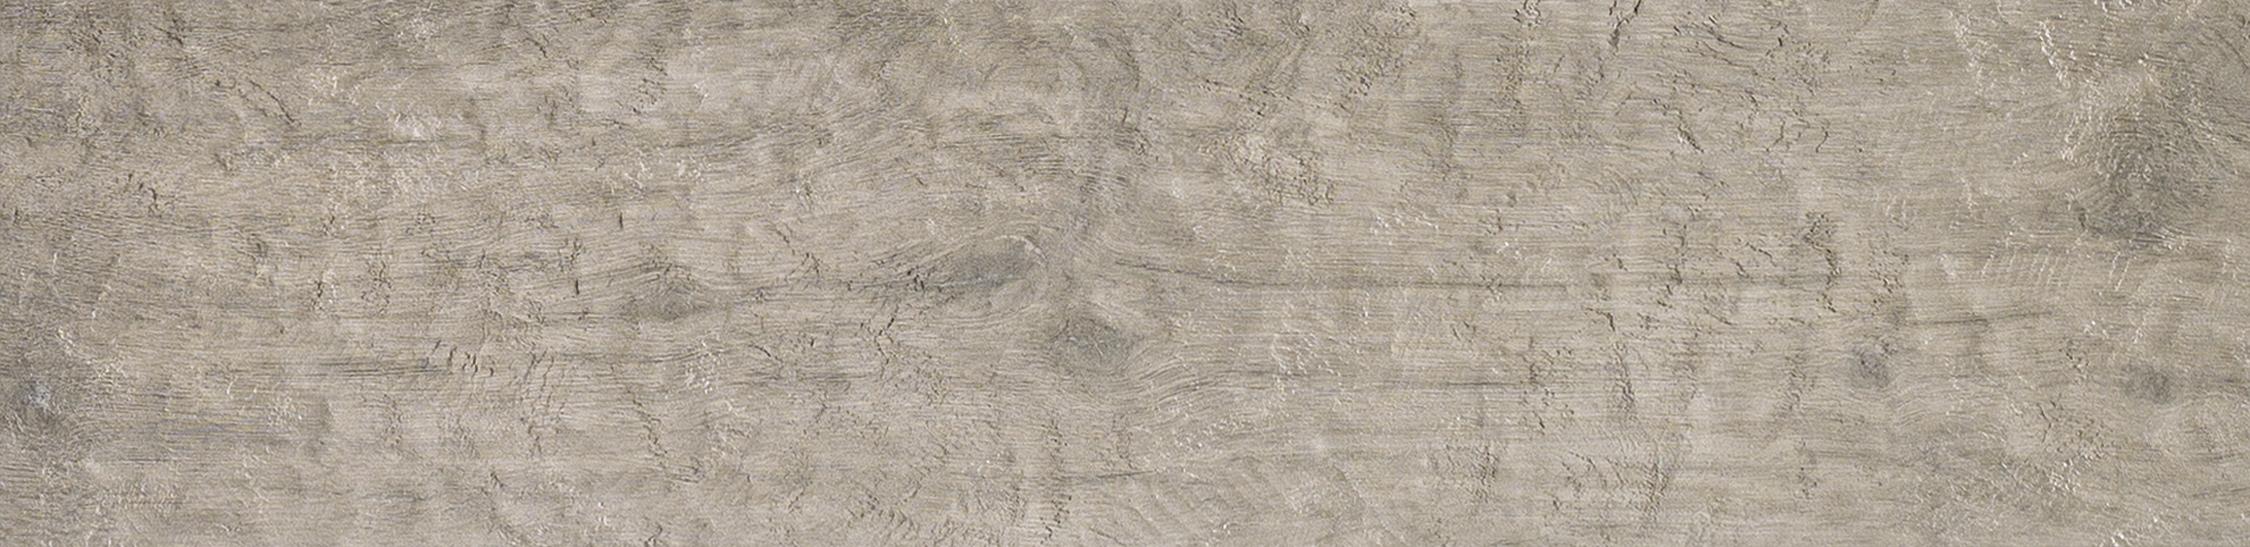 natural_life_wood_ash_22x90_grip_22x90